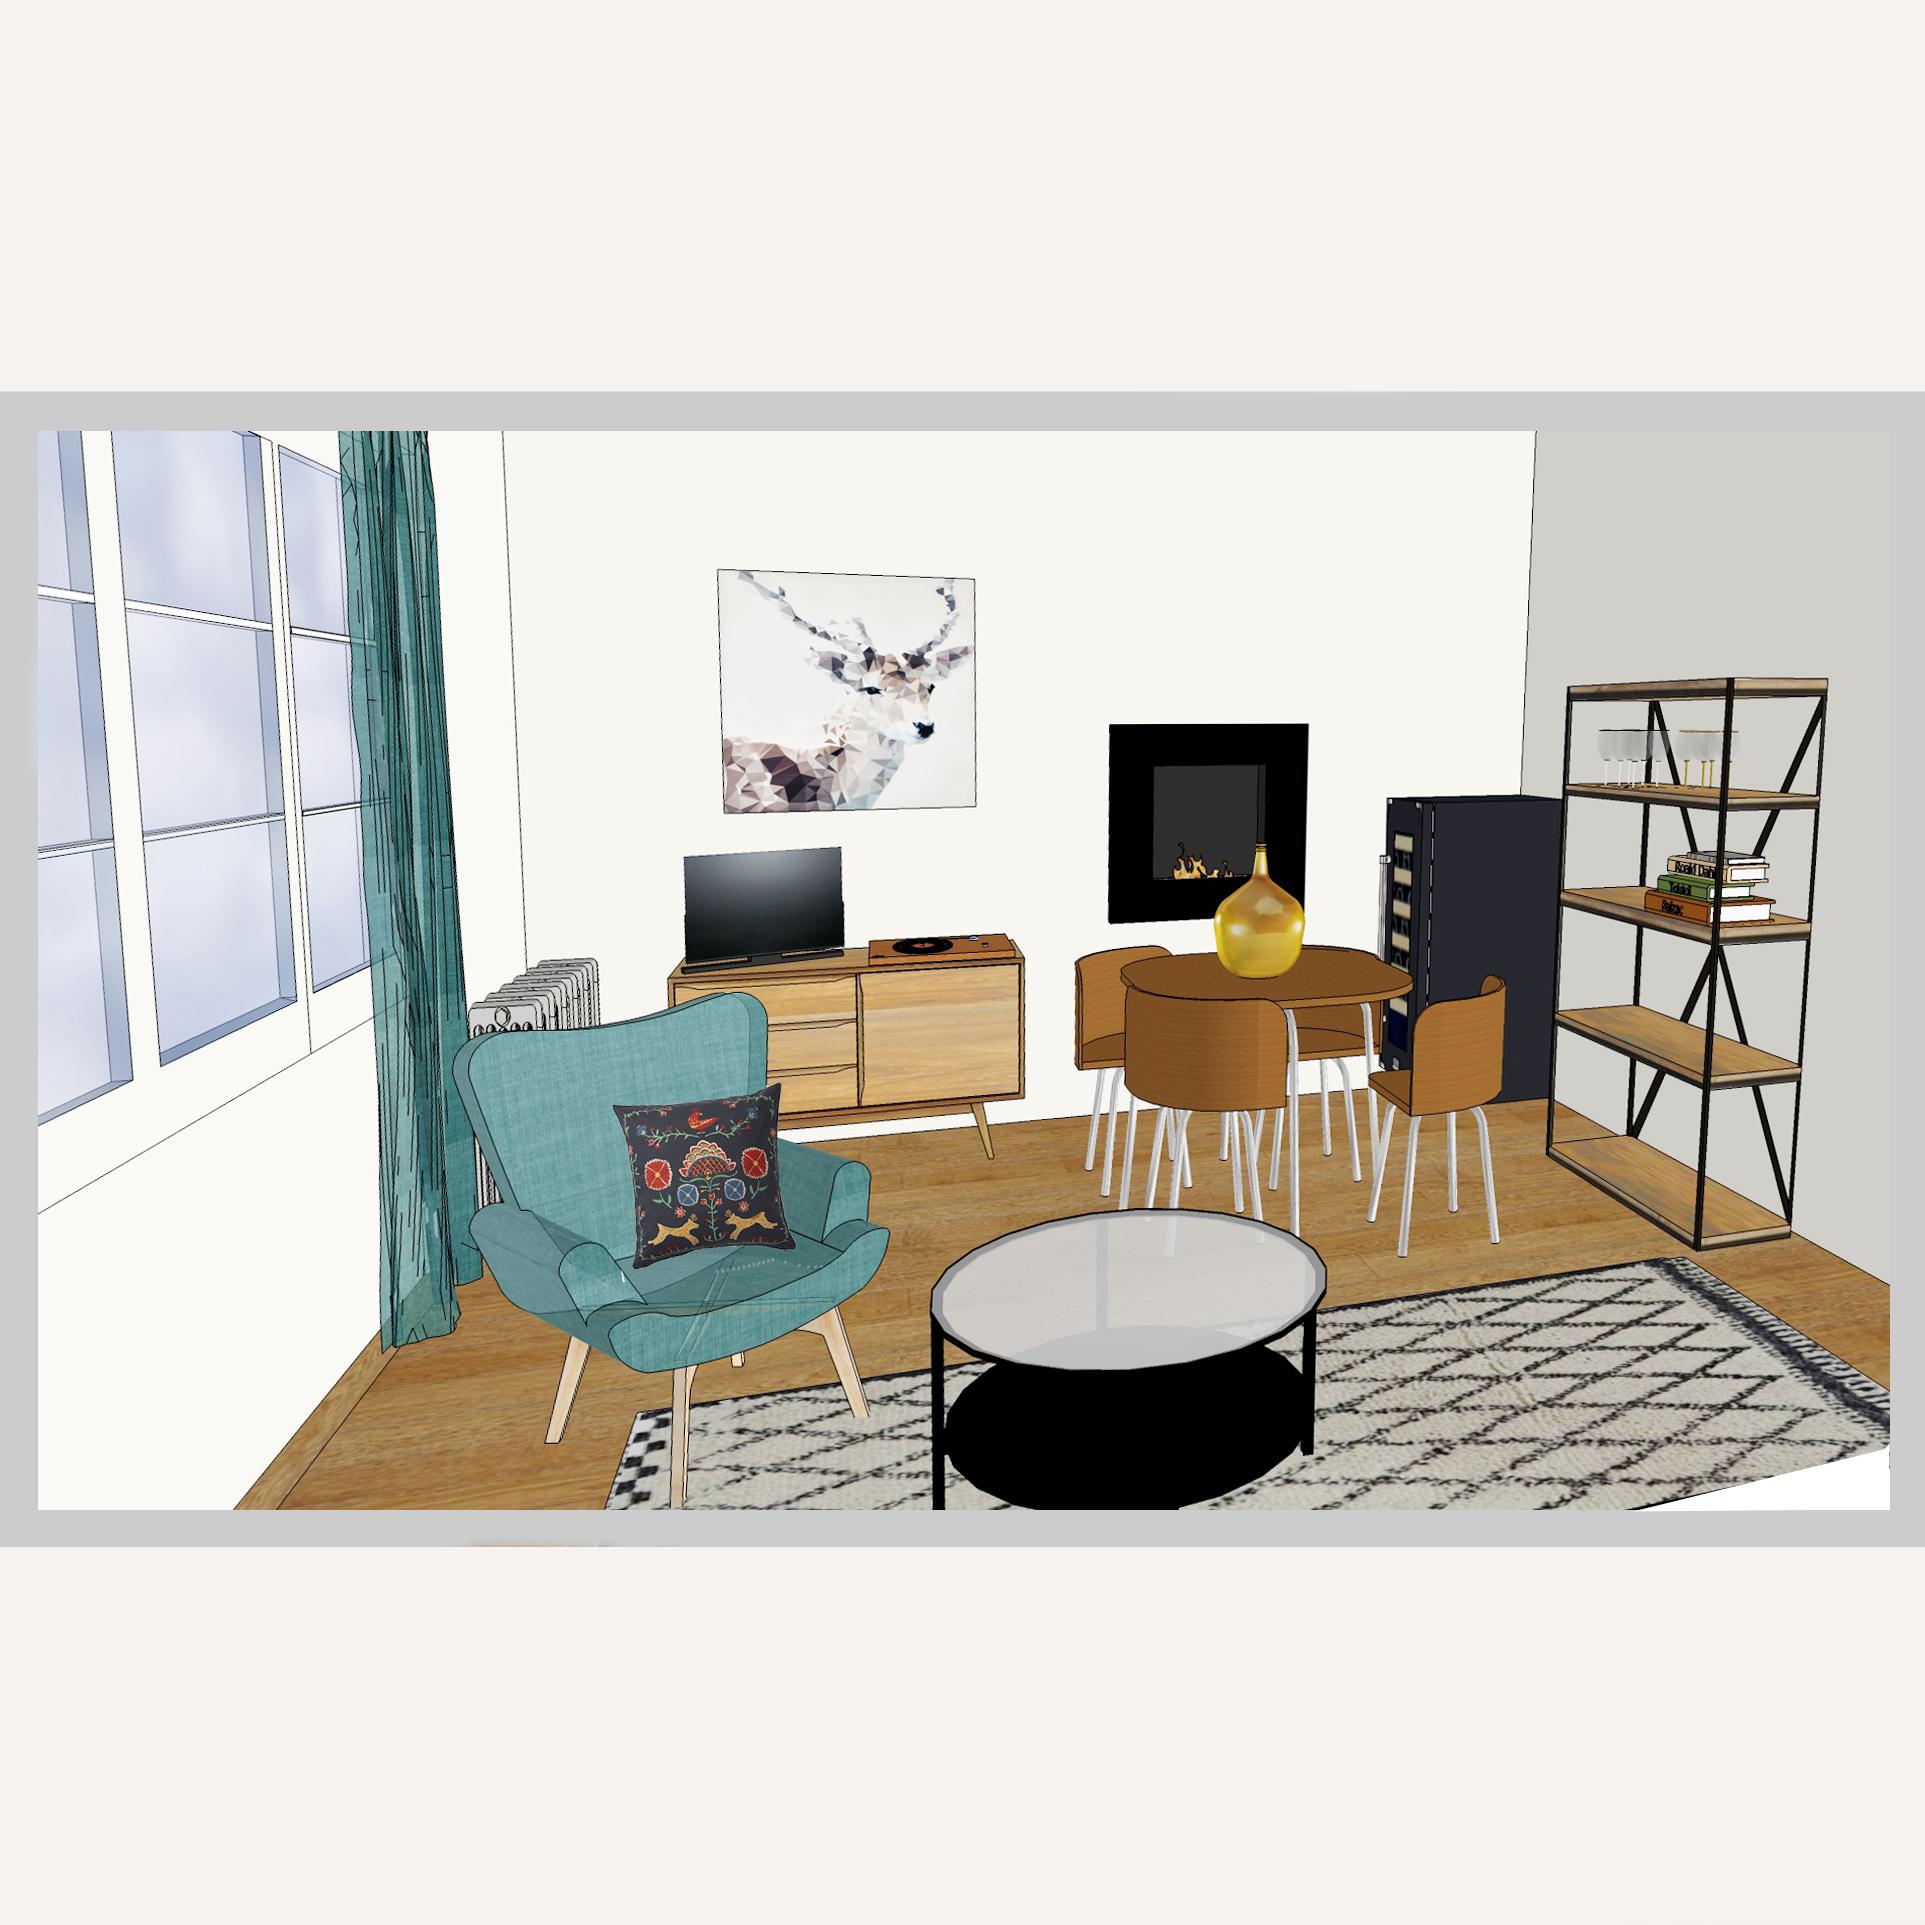 perspective+salon+deux+copie.jpg